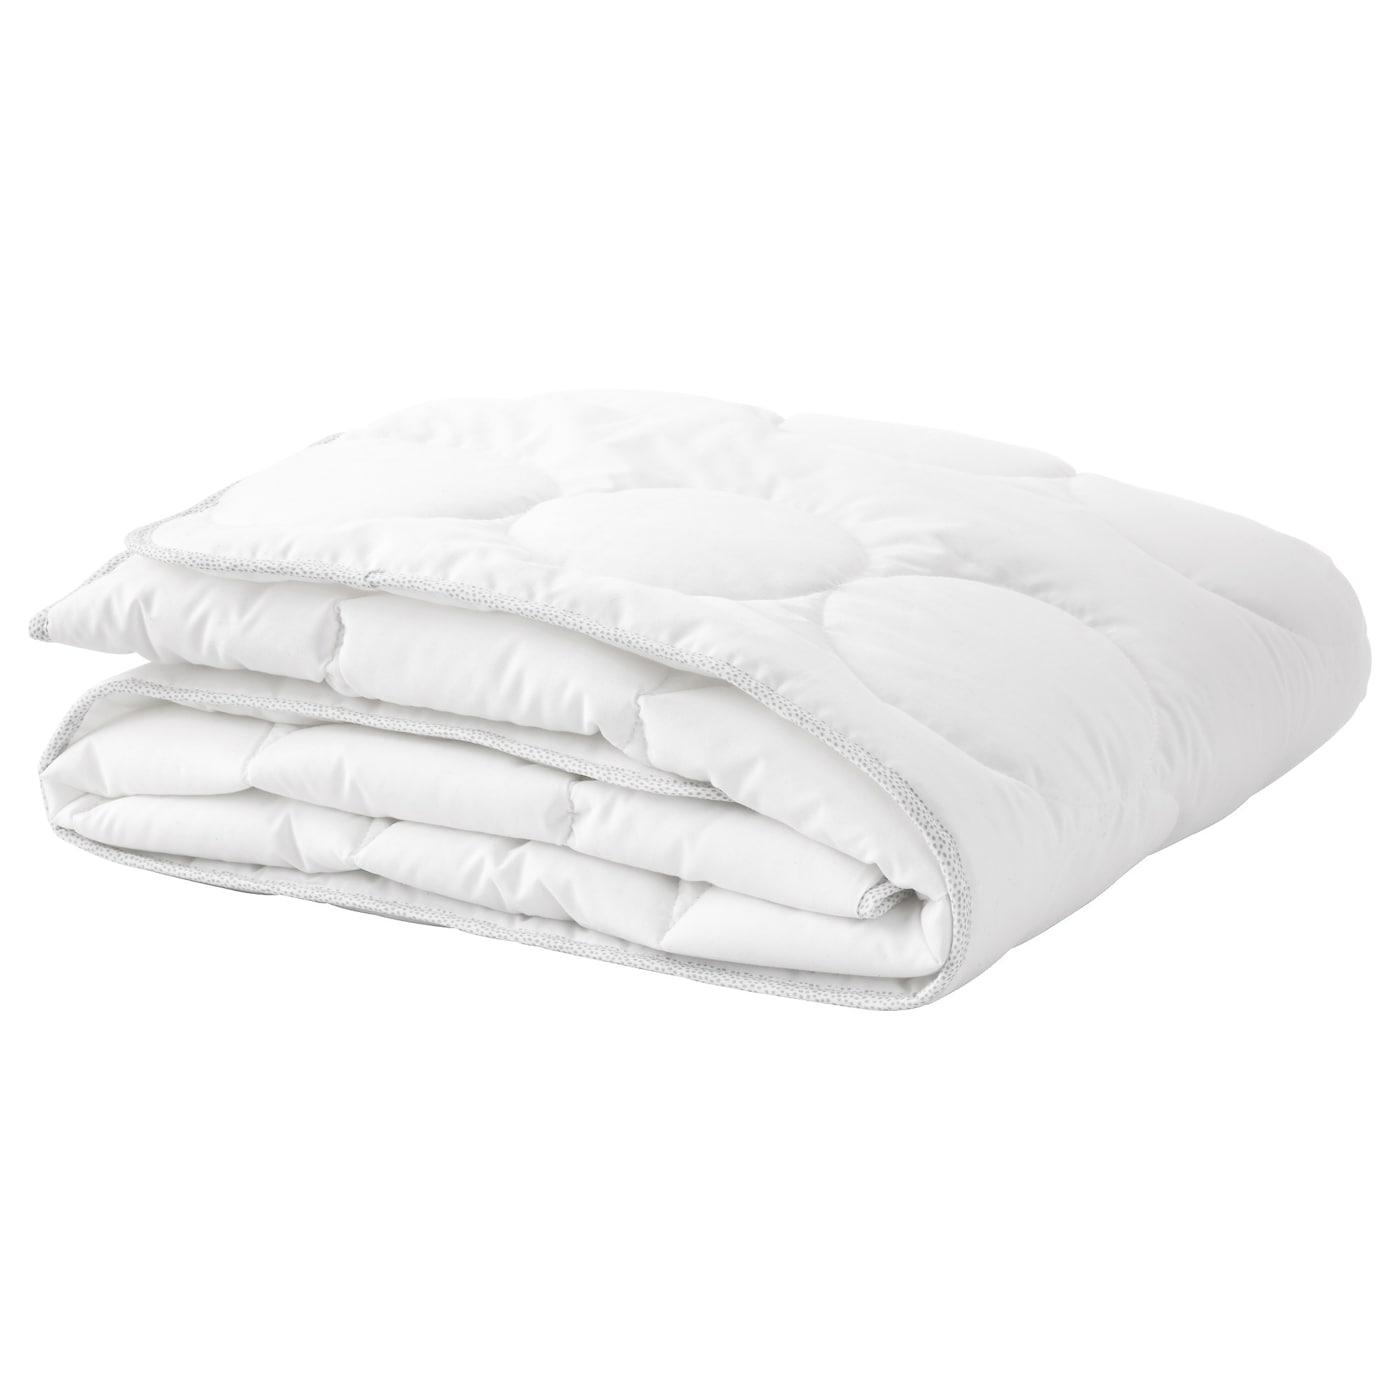 lenast couette pour lit b b blanc gris 110x125 cm ikea. Black Bedroom Furniture Sets. Home Design Ideas